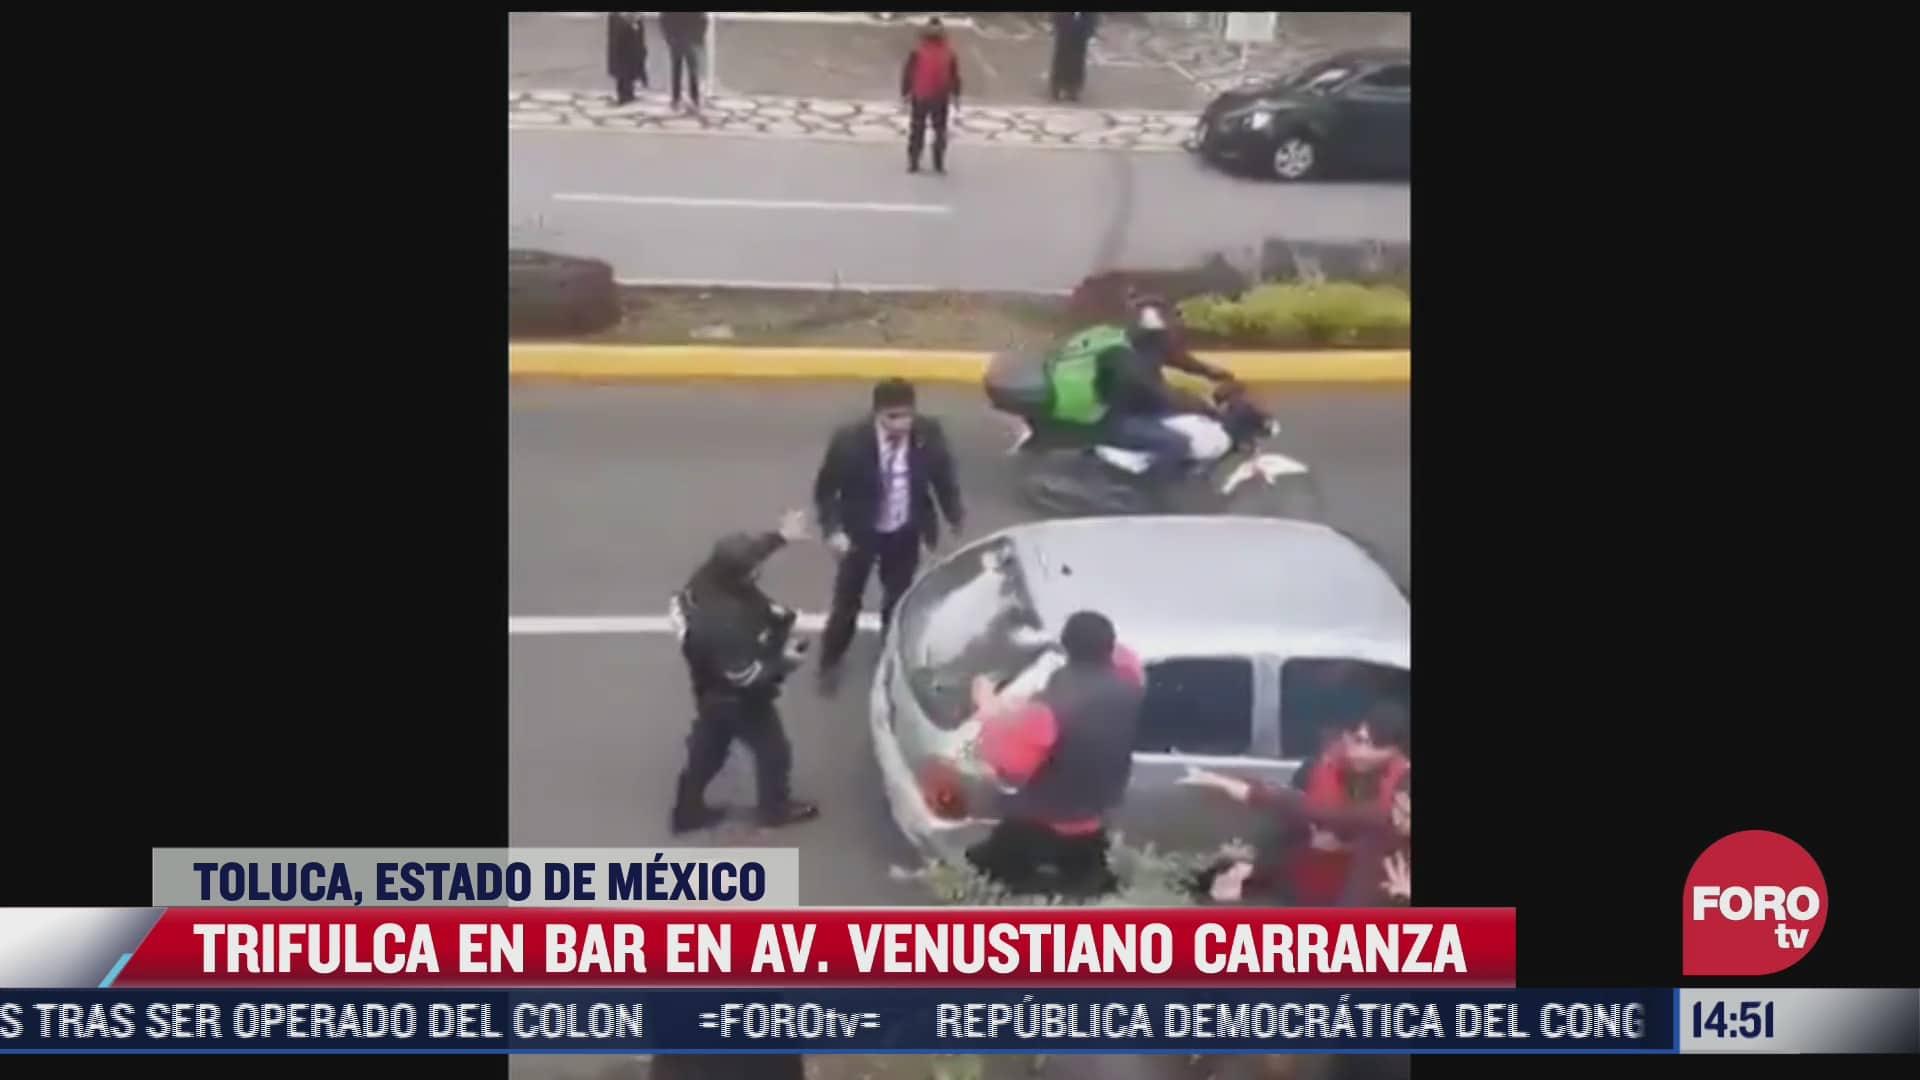 circula video donde se observa una trifulca en bar del estado de mexico